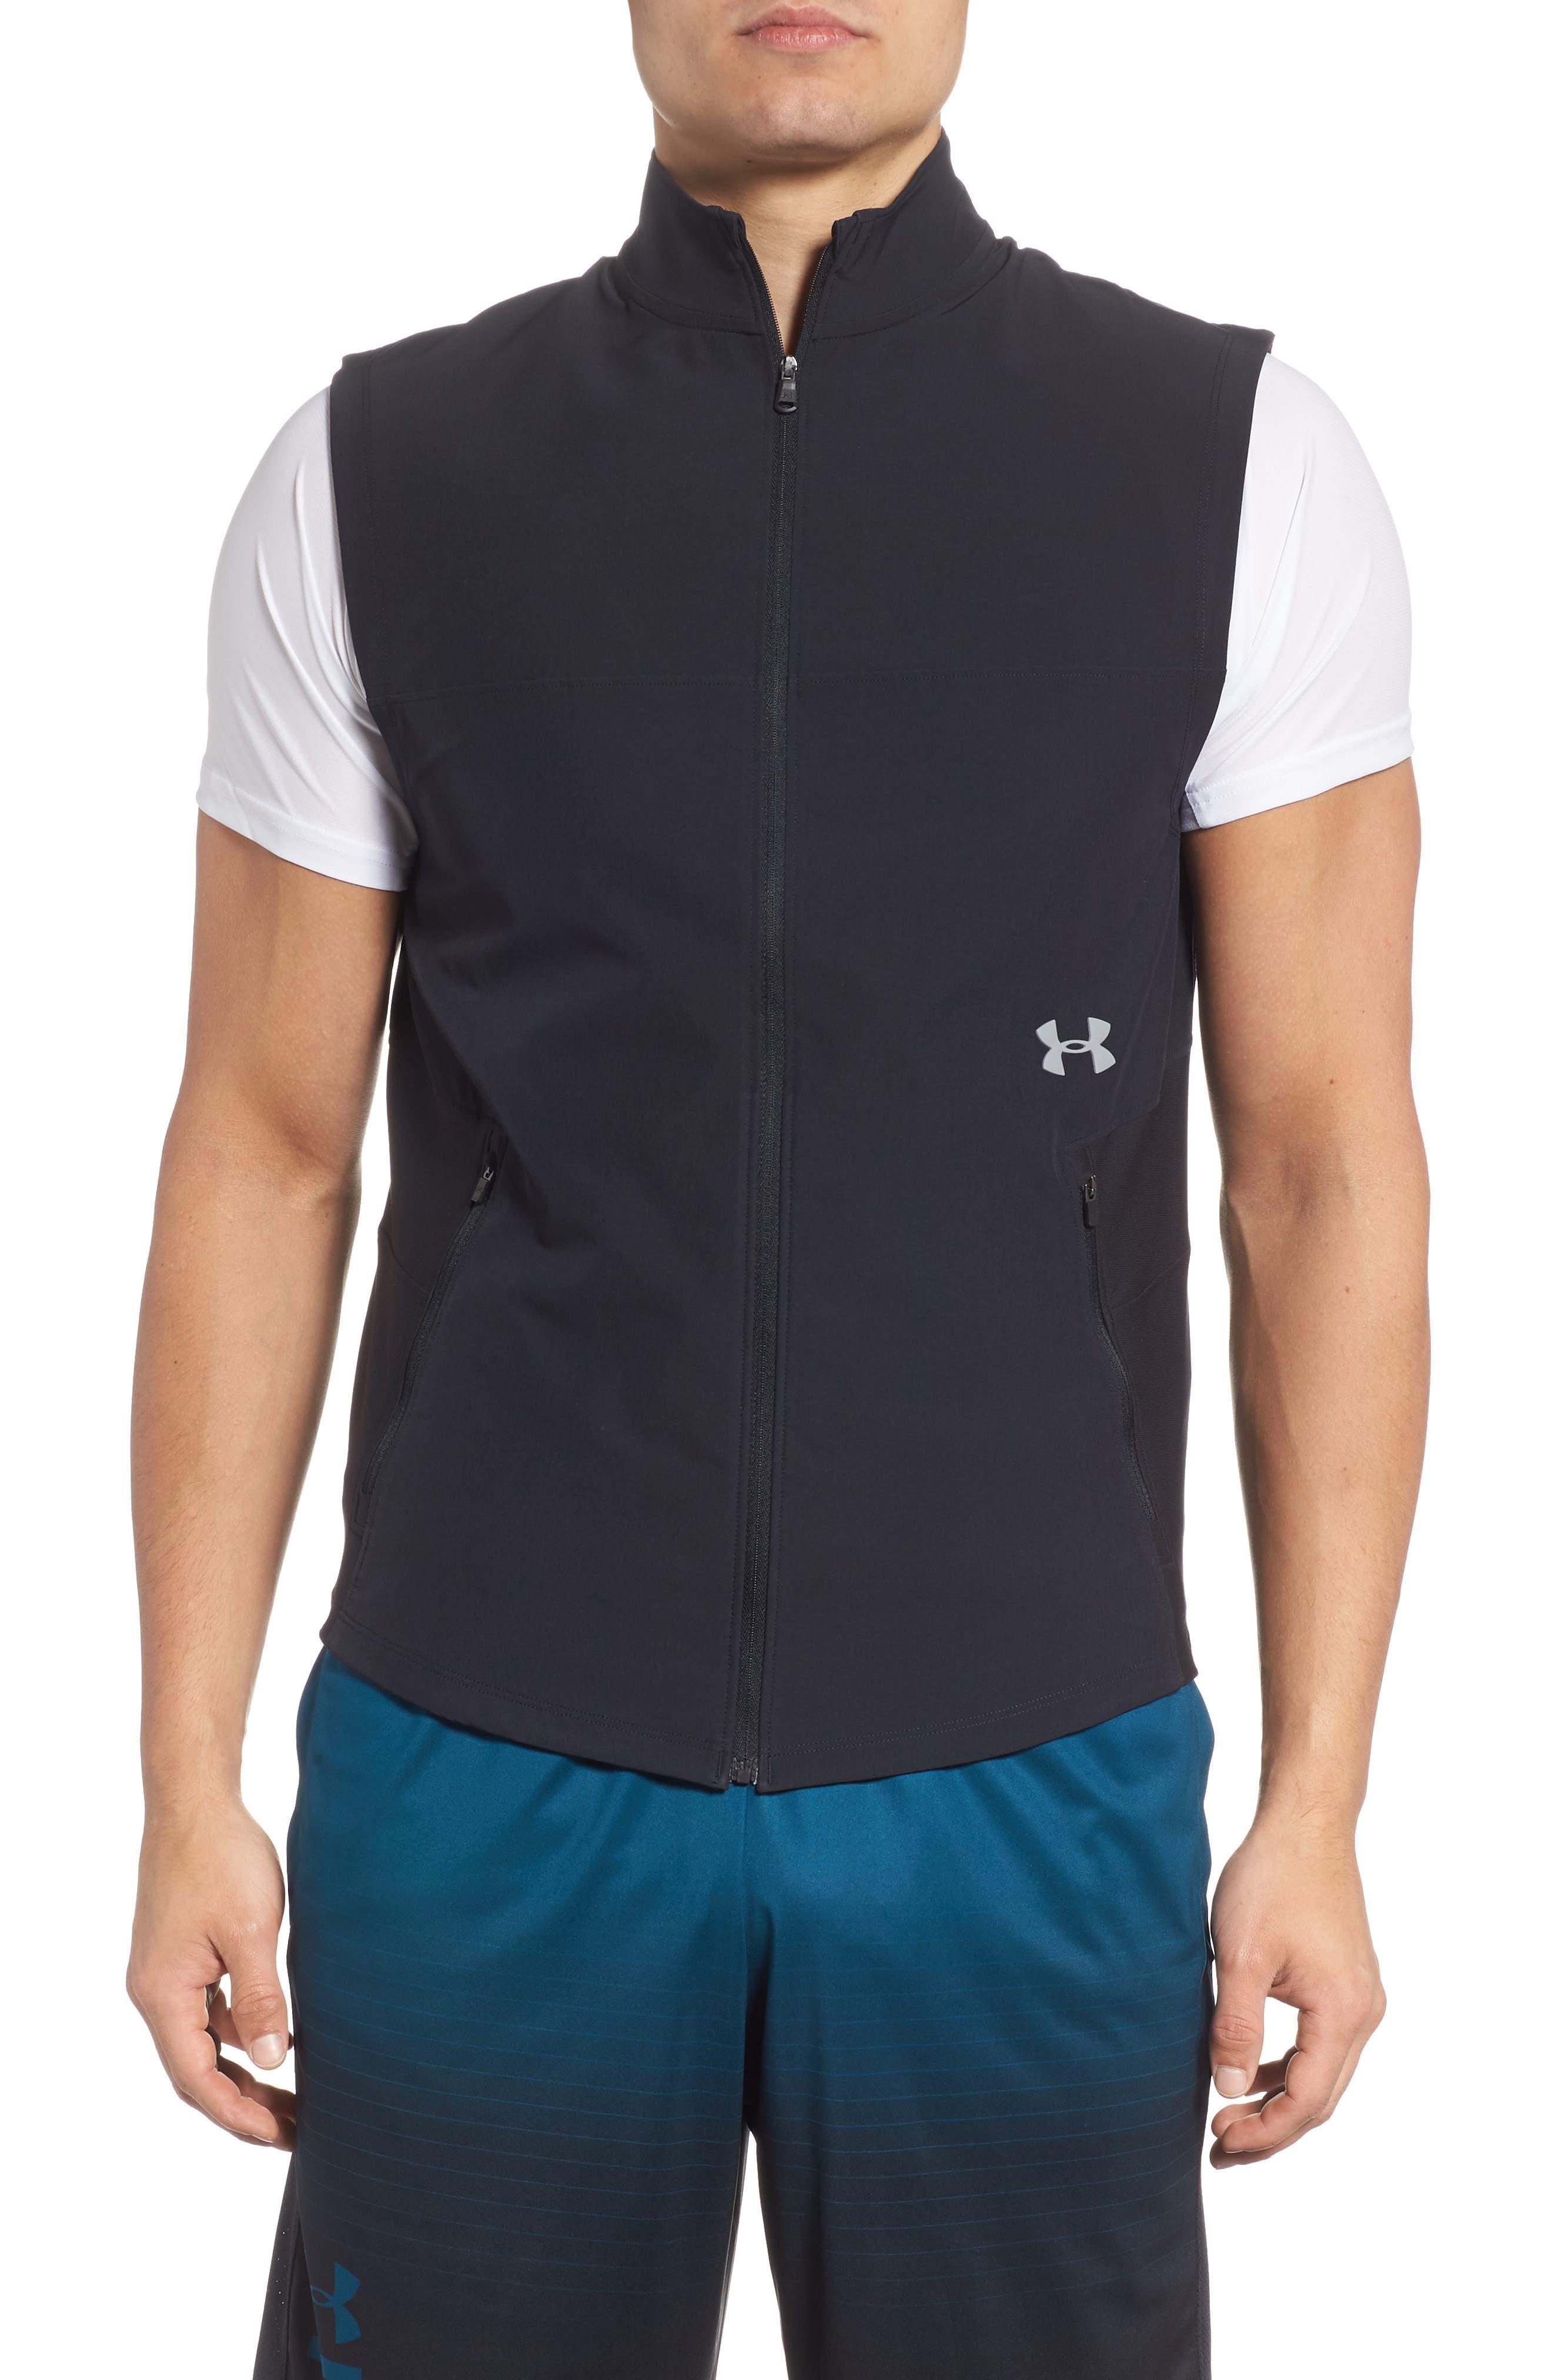 Threadborne Vanish Vest,                         Main,                         color, 001